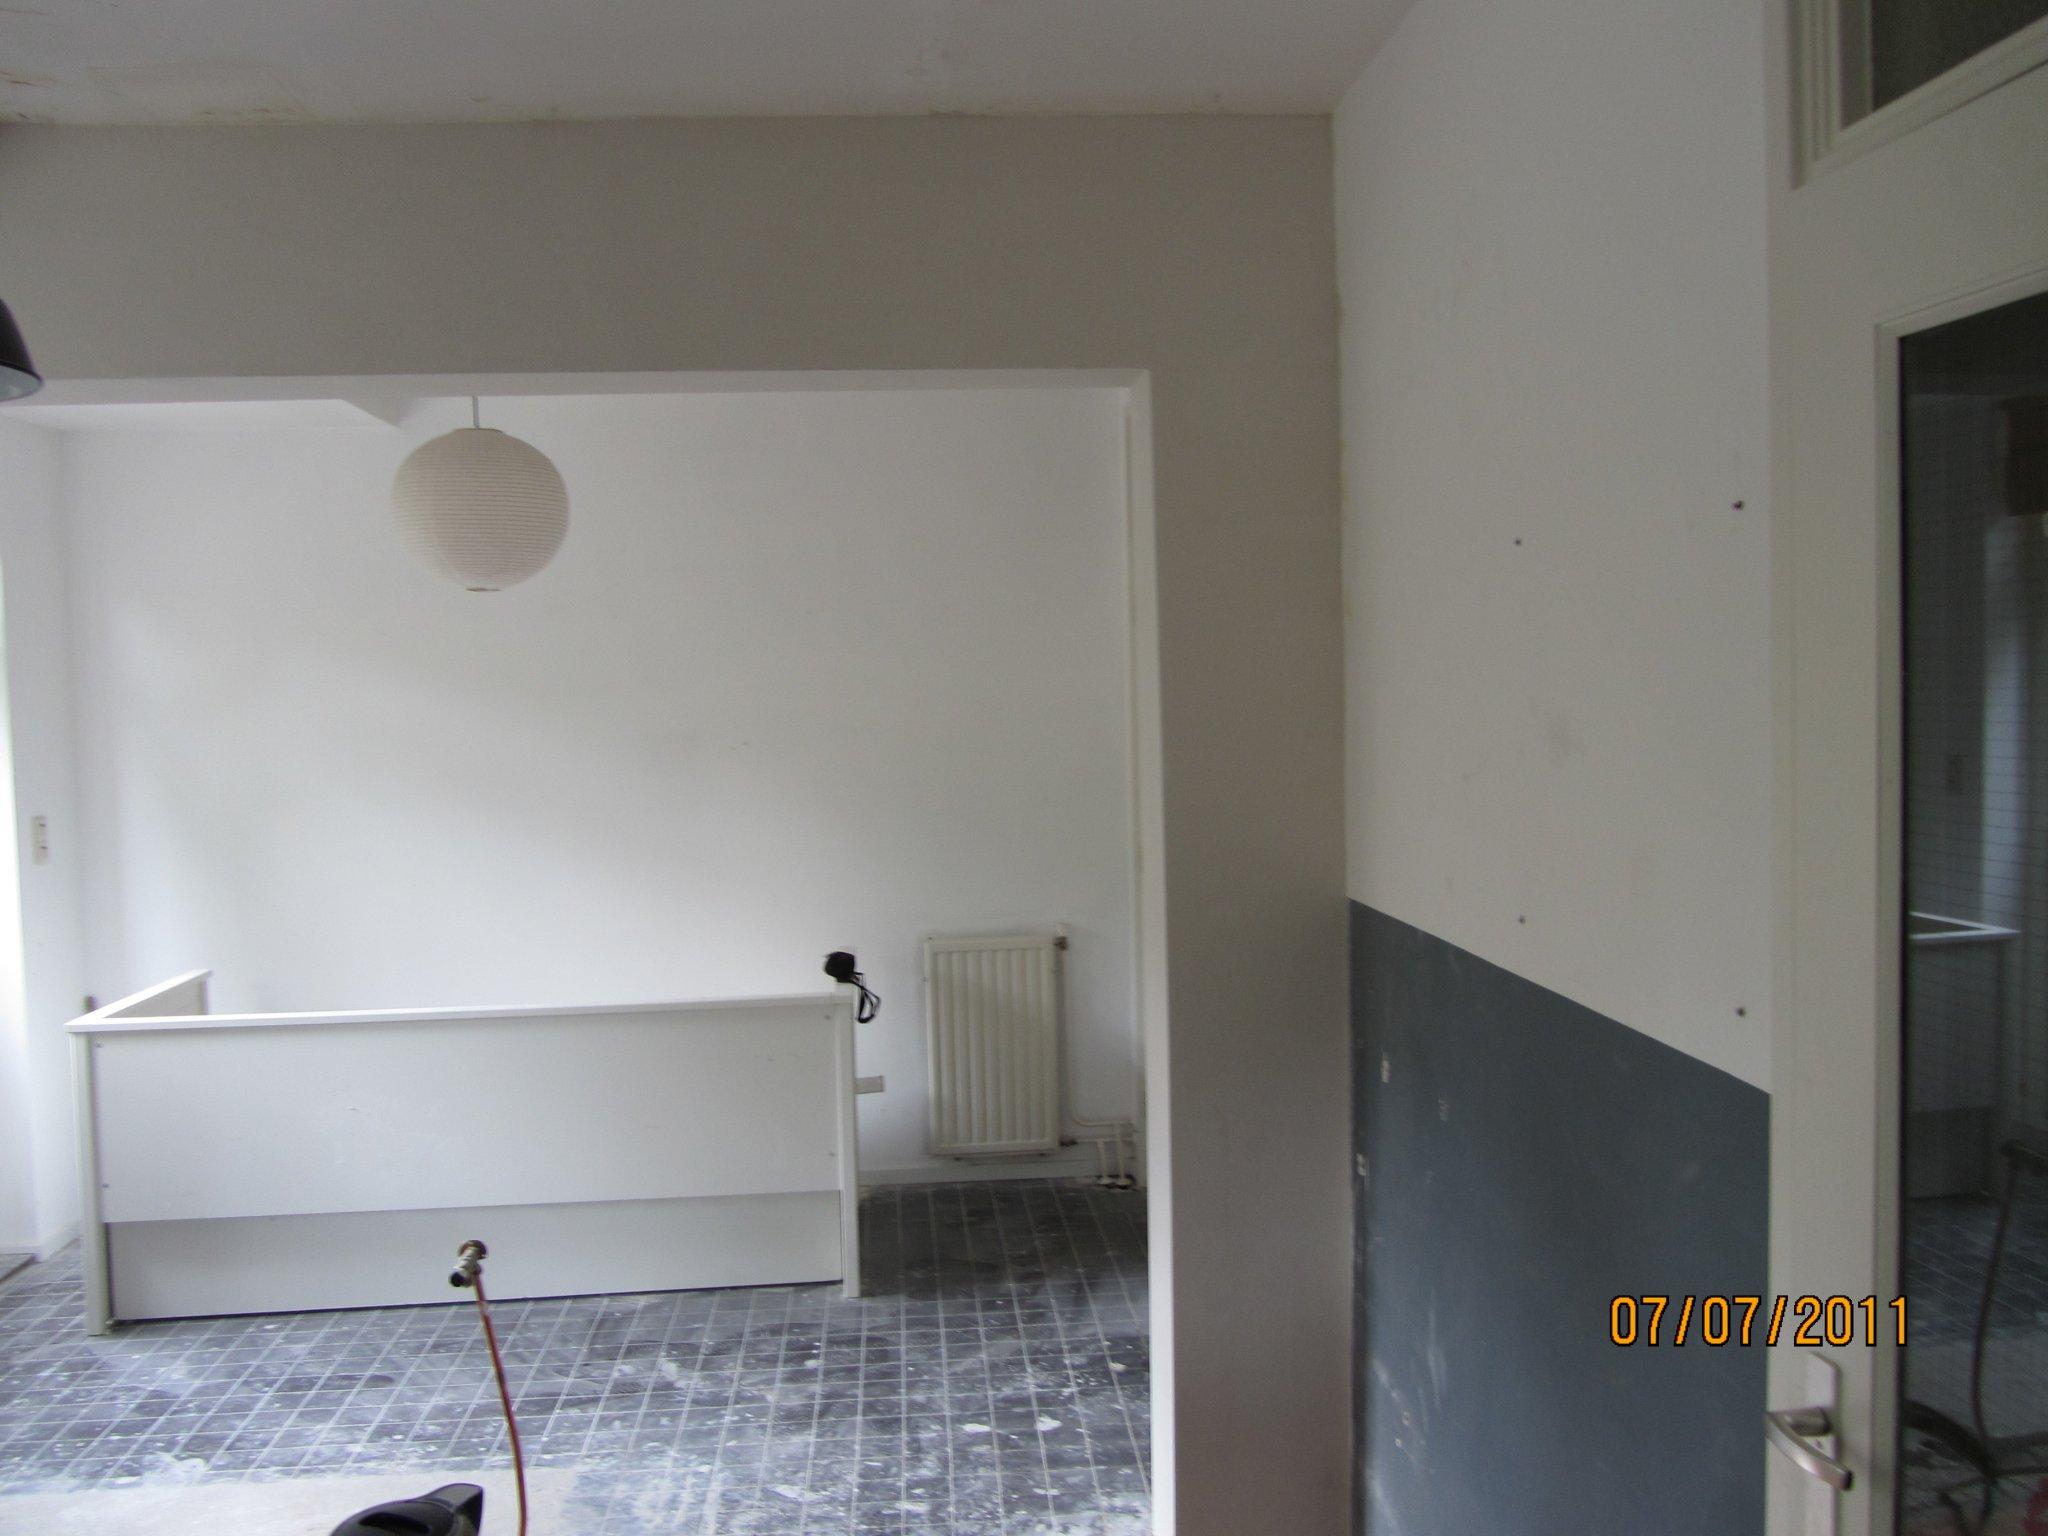 Keukenrenovatie Den Haag : Hollands Diensten ? Constructie plaatsen en doorbreken muur Den Haag